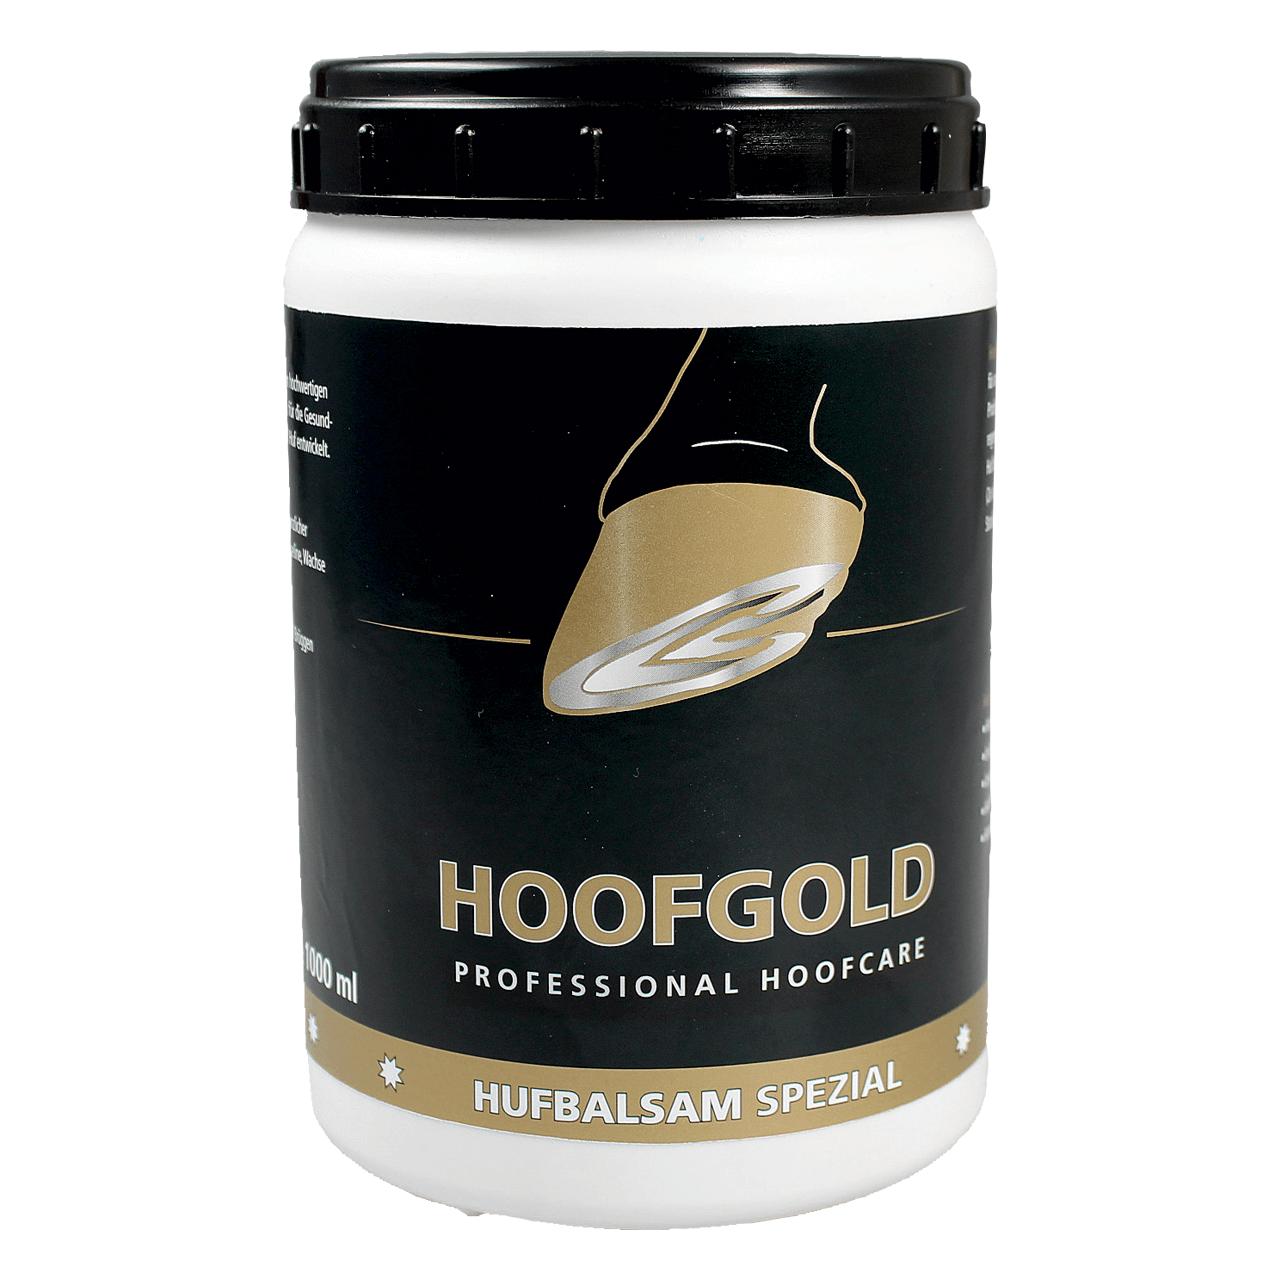 Hoofgold Hufbalsam Spezial Image